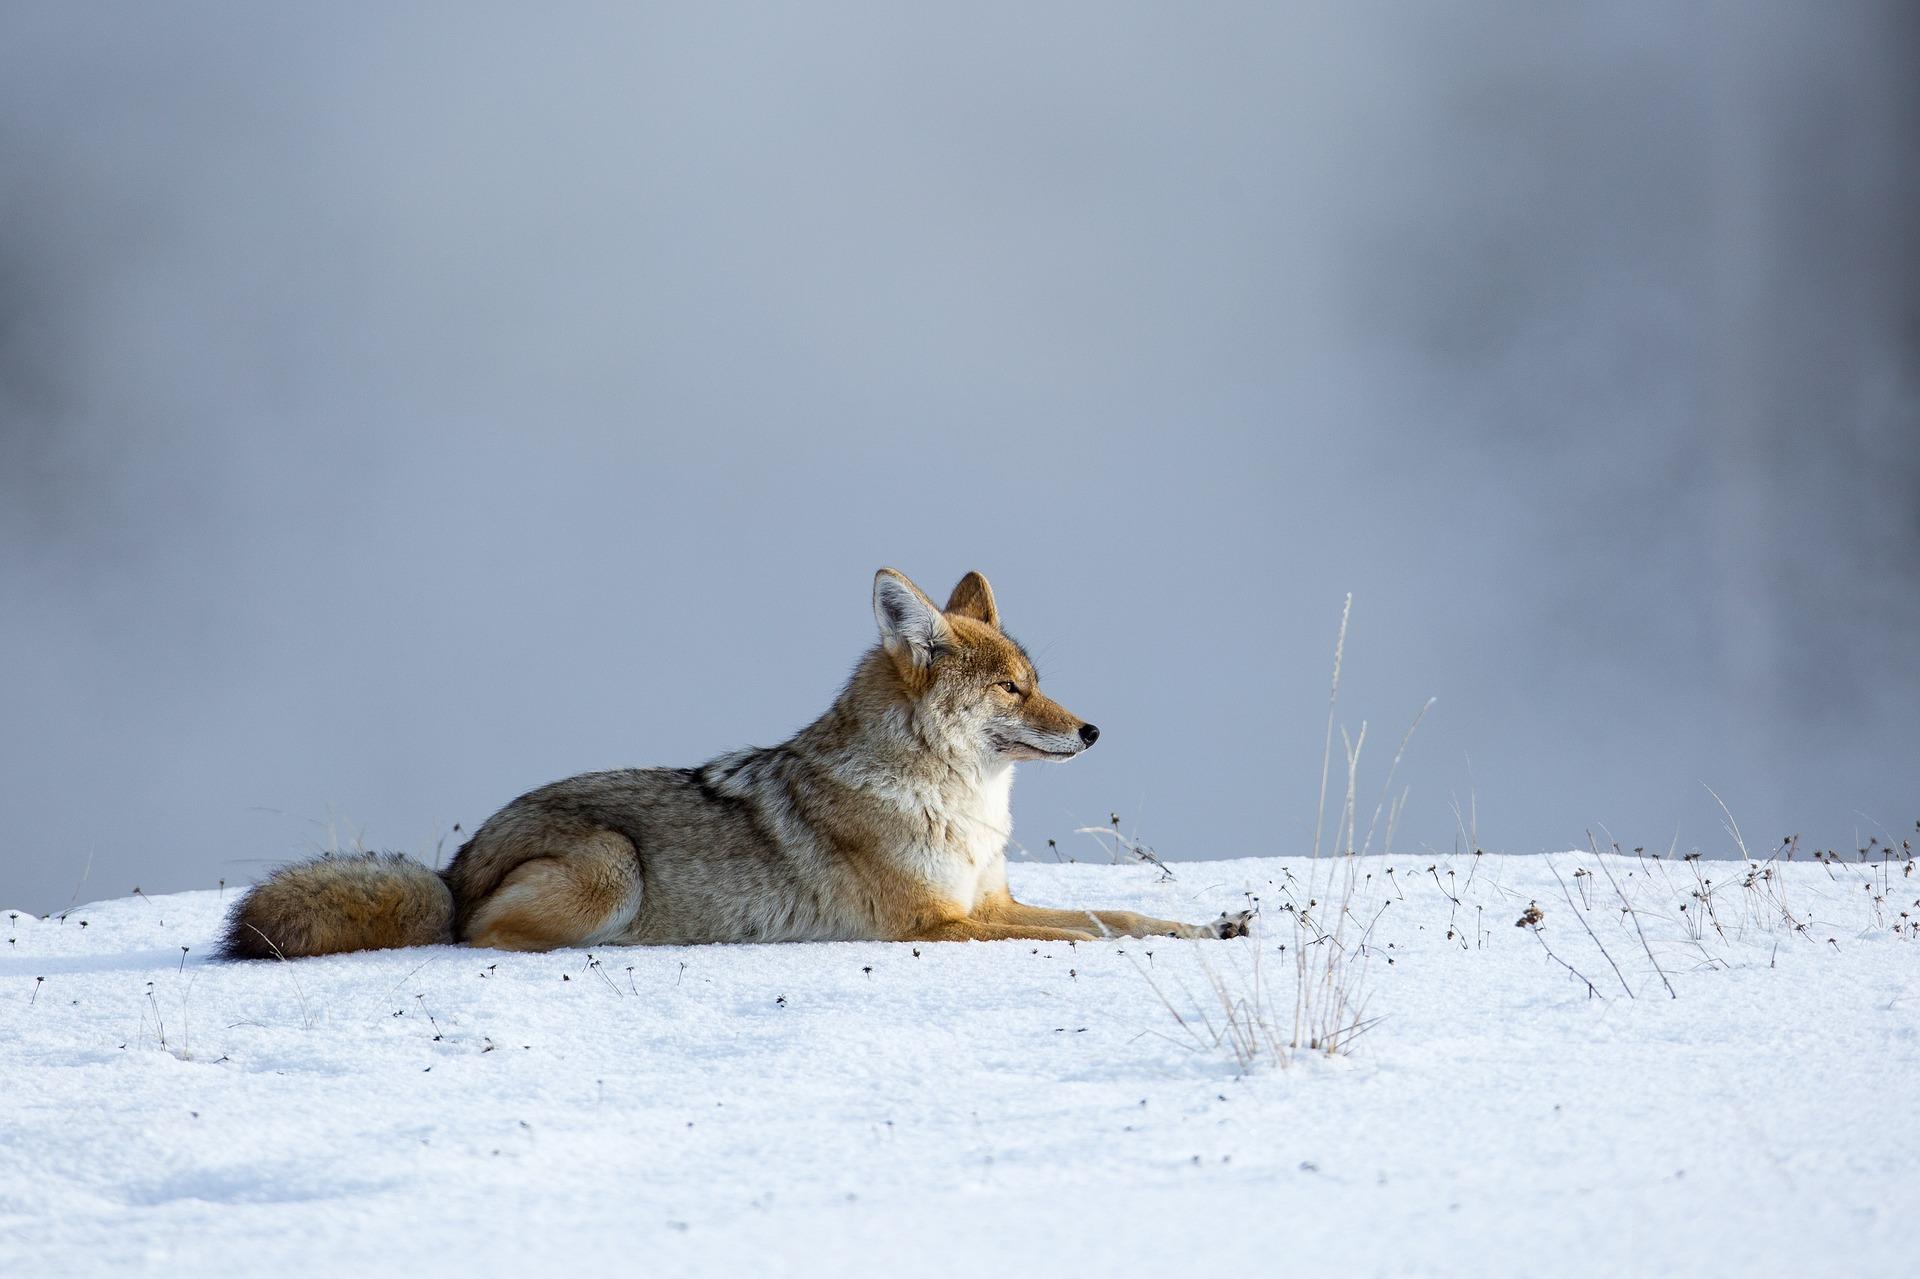 coyote-1143632_1920